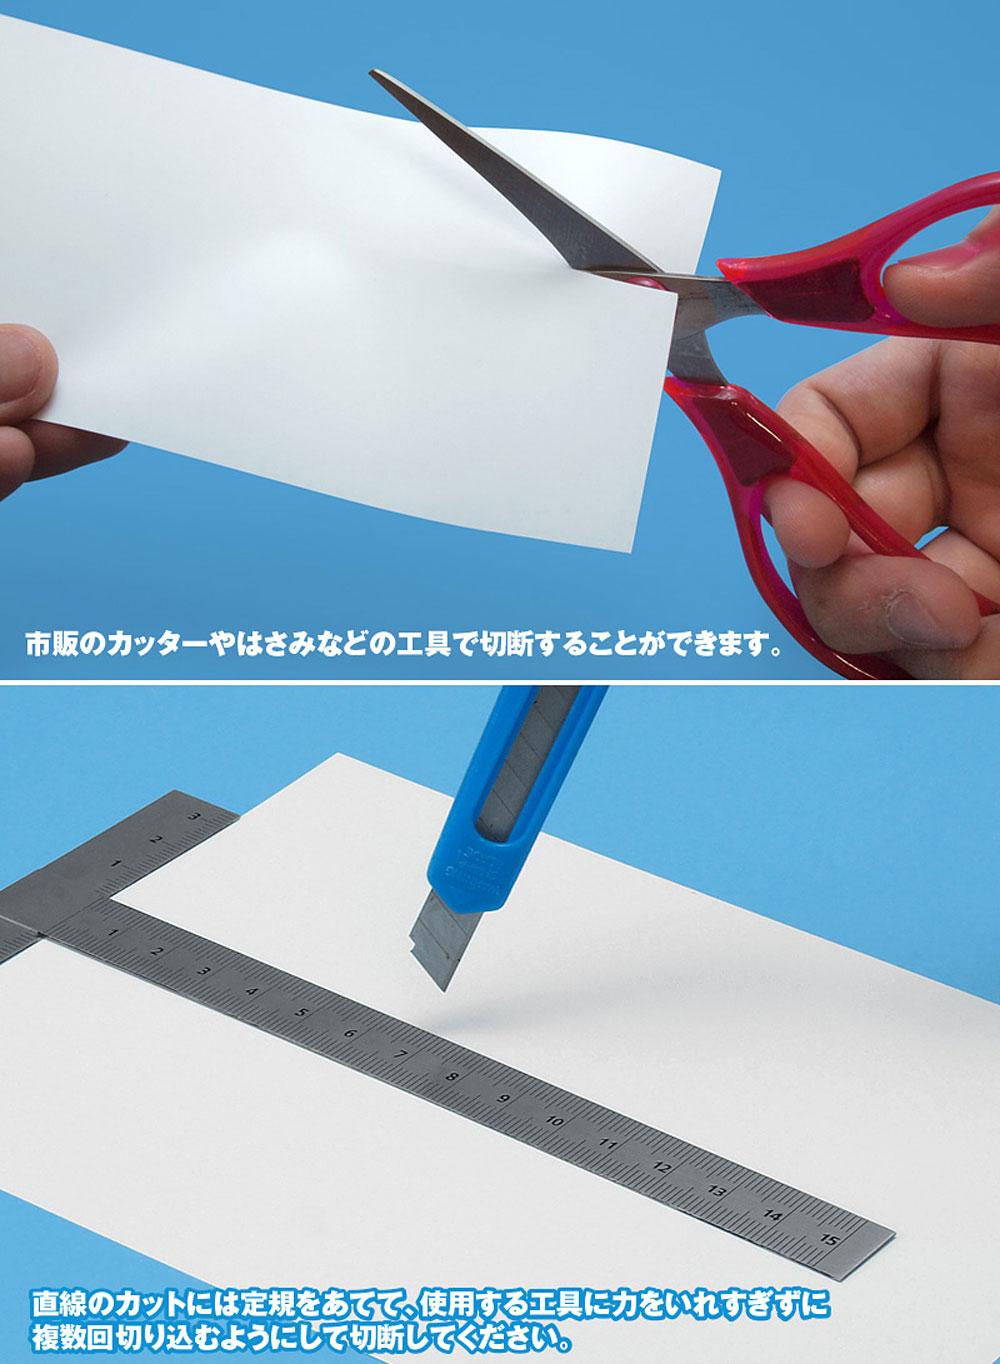 プラ=シート (ホワイト) (厚さ 0.1mm)プラシート(ウェーブマテリアルNo.OM-281)商品画像_2